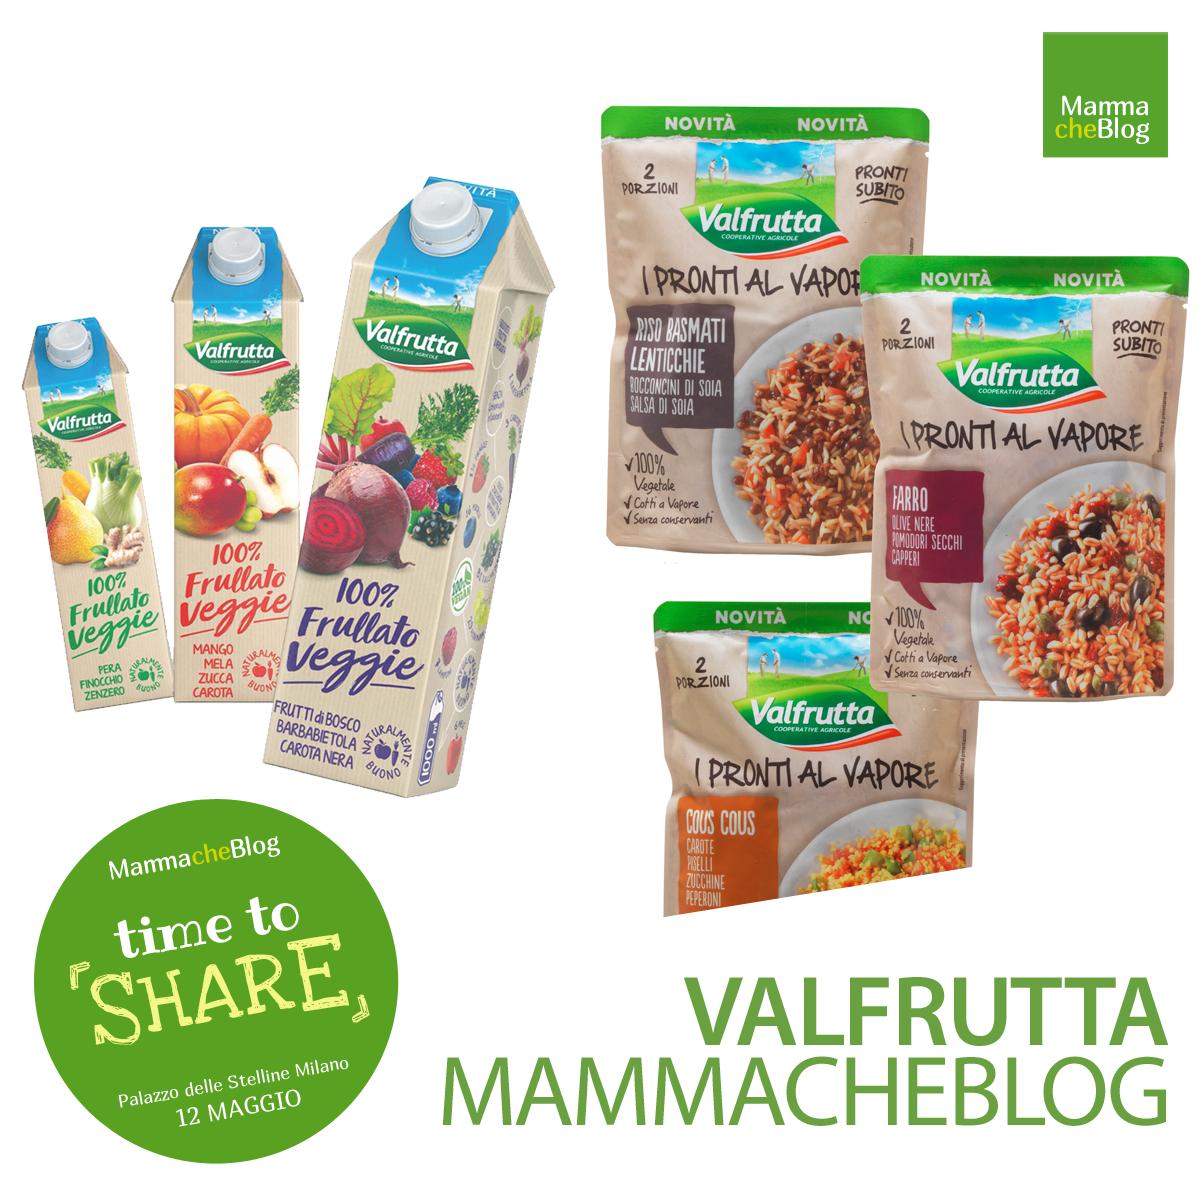 VALFRUTTA-MAMMACHEBLOG